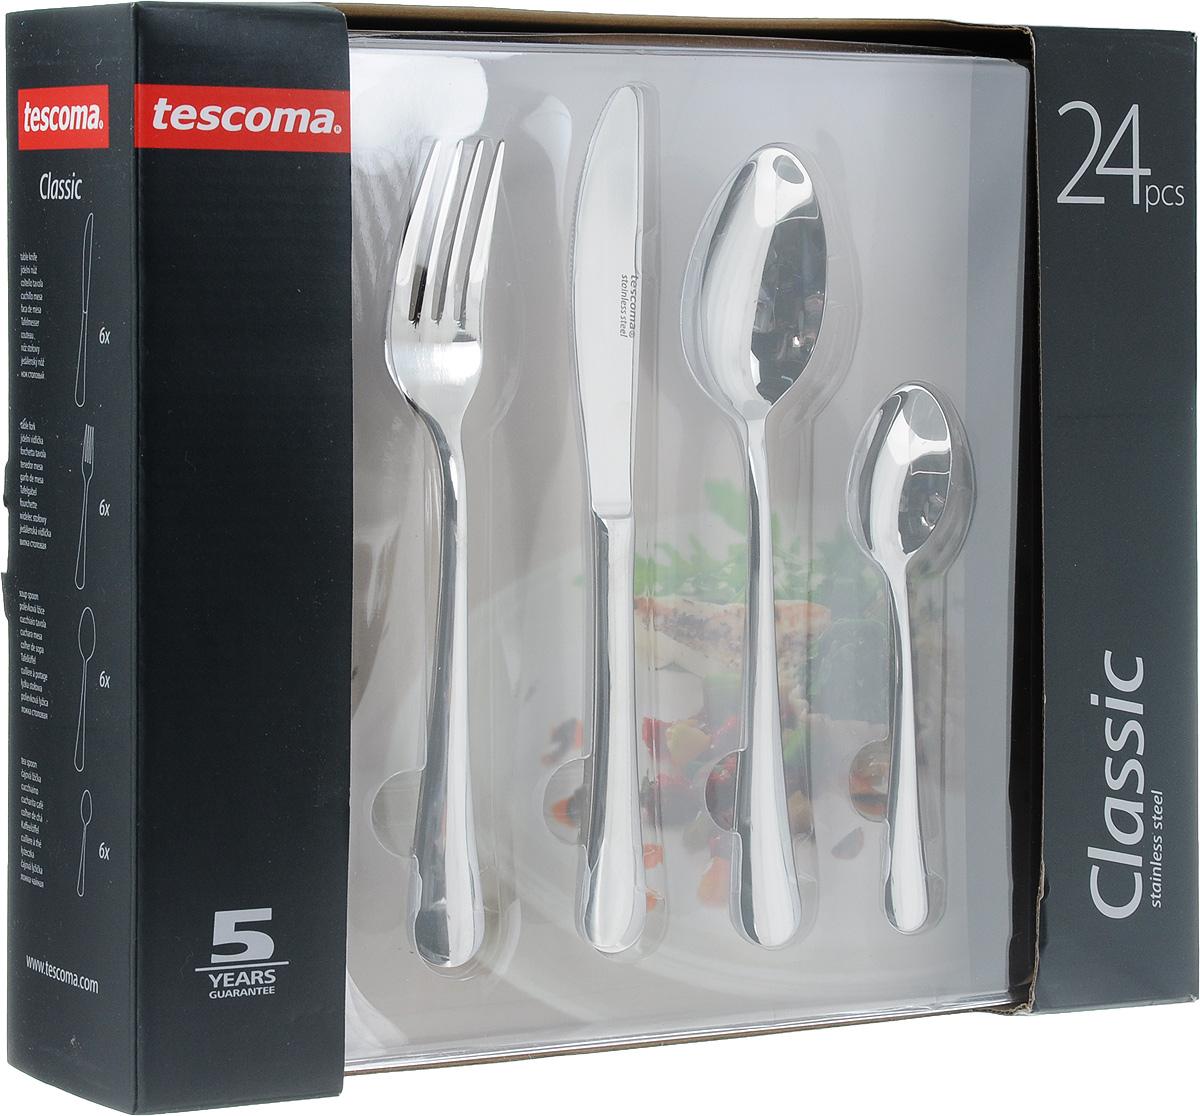 Набор столовых приборов Tescoma CLASSIC, 24 шт391406Столовые приборы Tescoma CLASSIC выполнены из нержавеющей стали. Полированная поверхность износостойка, гигиенична и легко поддается очистке. разрешено мыть в посудомоечной машине. В набор входит: 6х нож 22 см, 6х вилка 20,5 см, 6х ложка 20,5 см, 6х чайная/кофейная ложка 14,5 см.